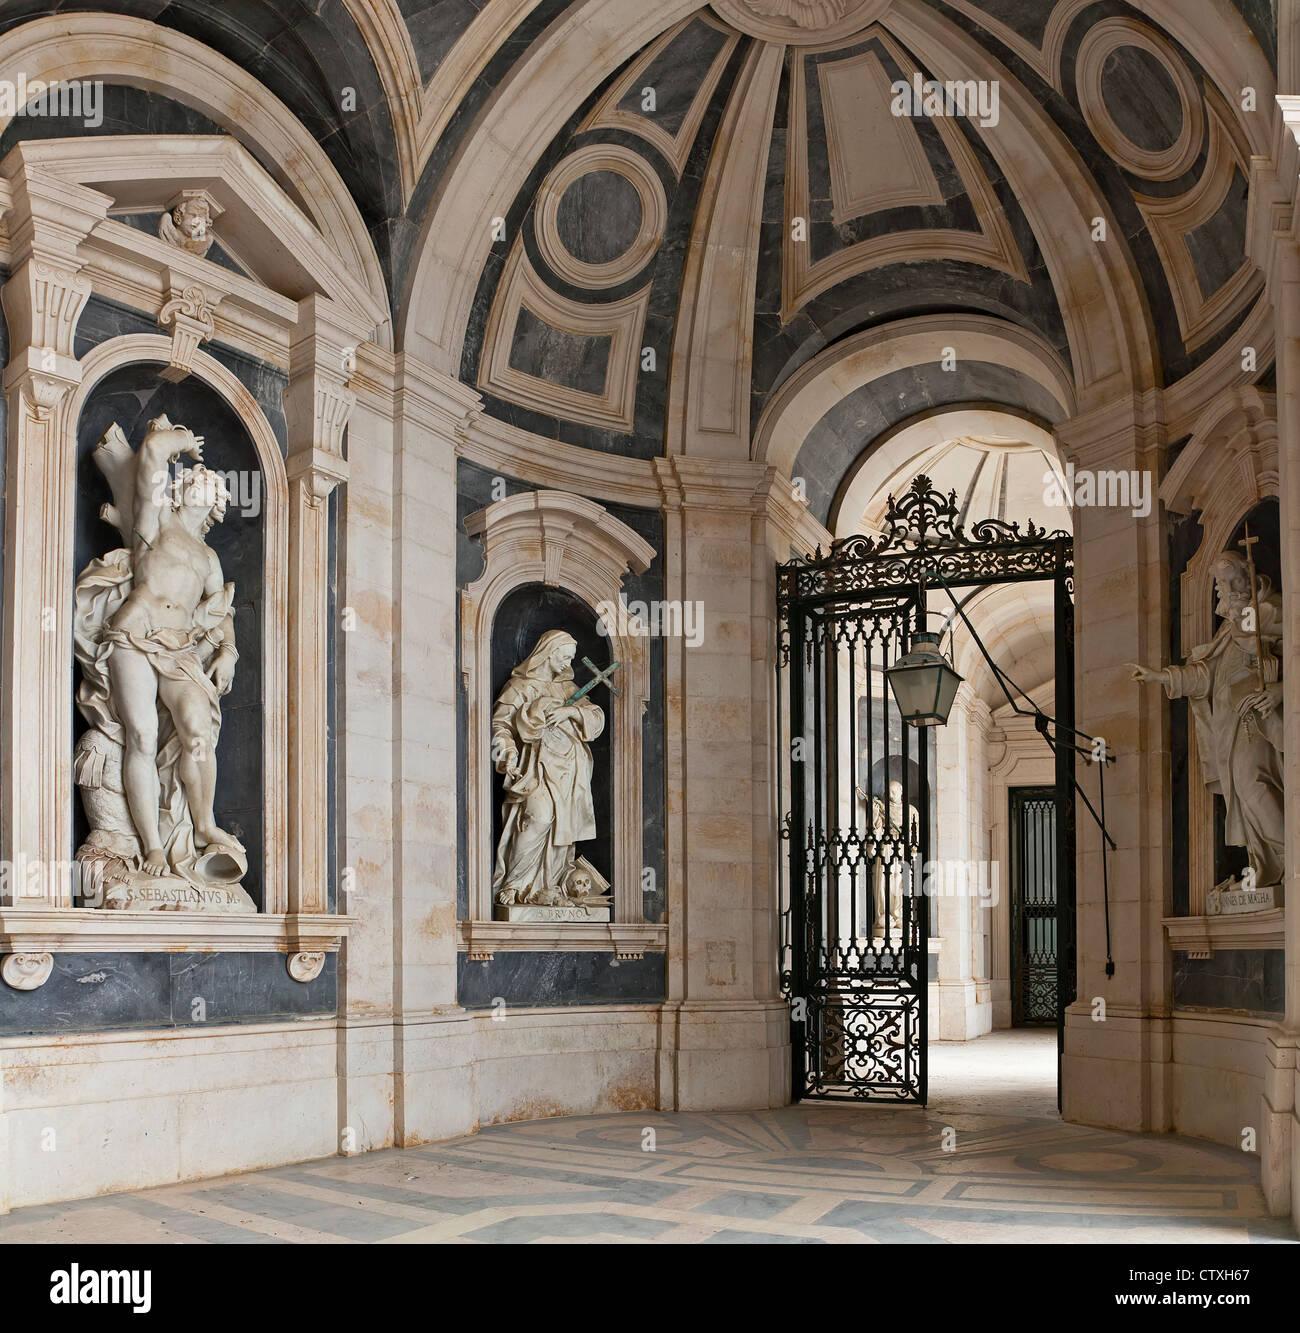 Italienische barocke Skulpturen im Nationalpalast von Mafra und Kloster in Portugal. Barock-Architektur. Franziskaner Stockbild